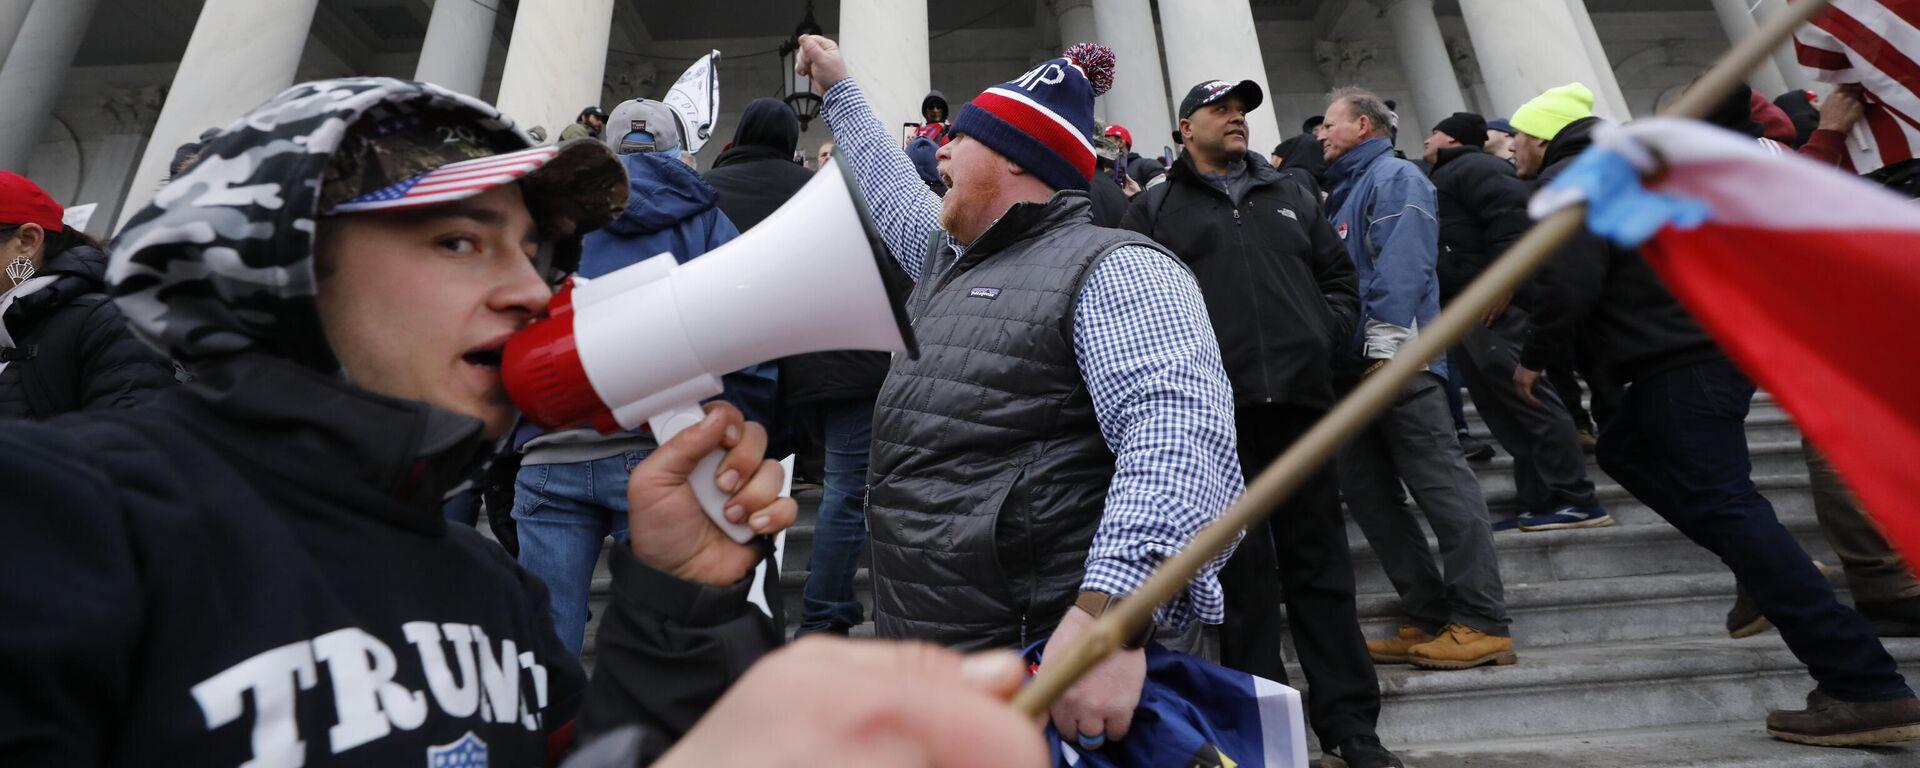 Protestaktion von Anhängern Donald Trumps auf dem Kapitol in Washington  - SNA, 1920, 28.01.2021